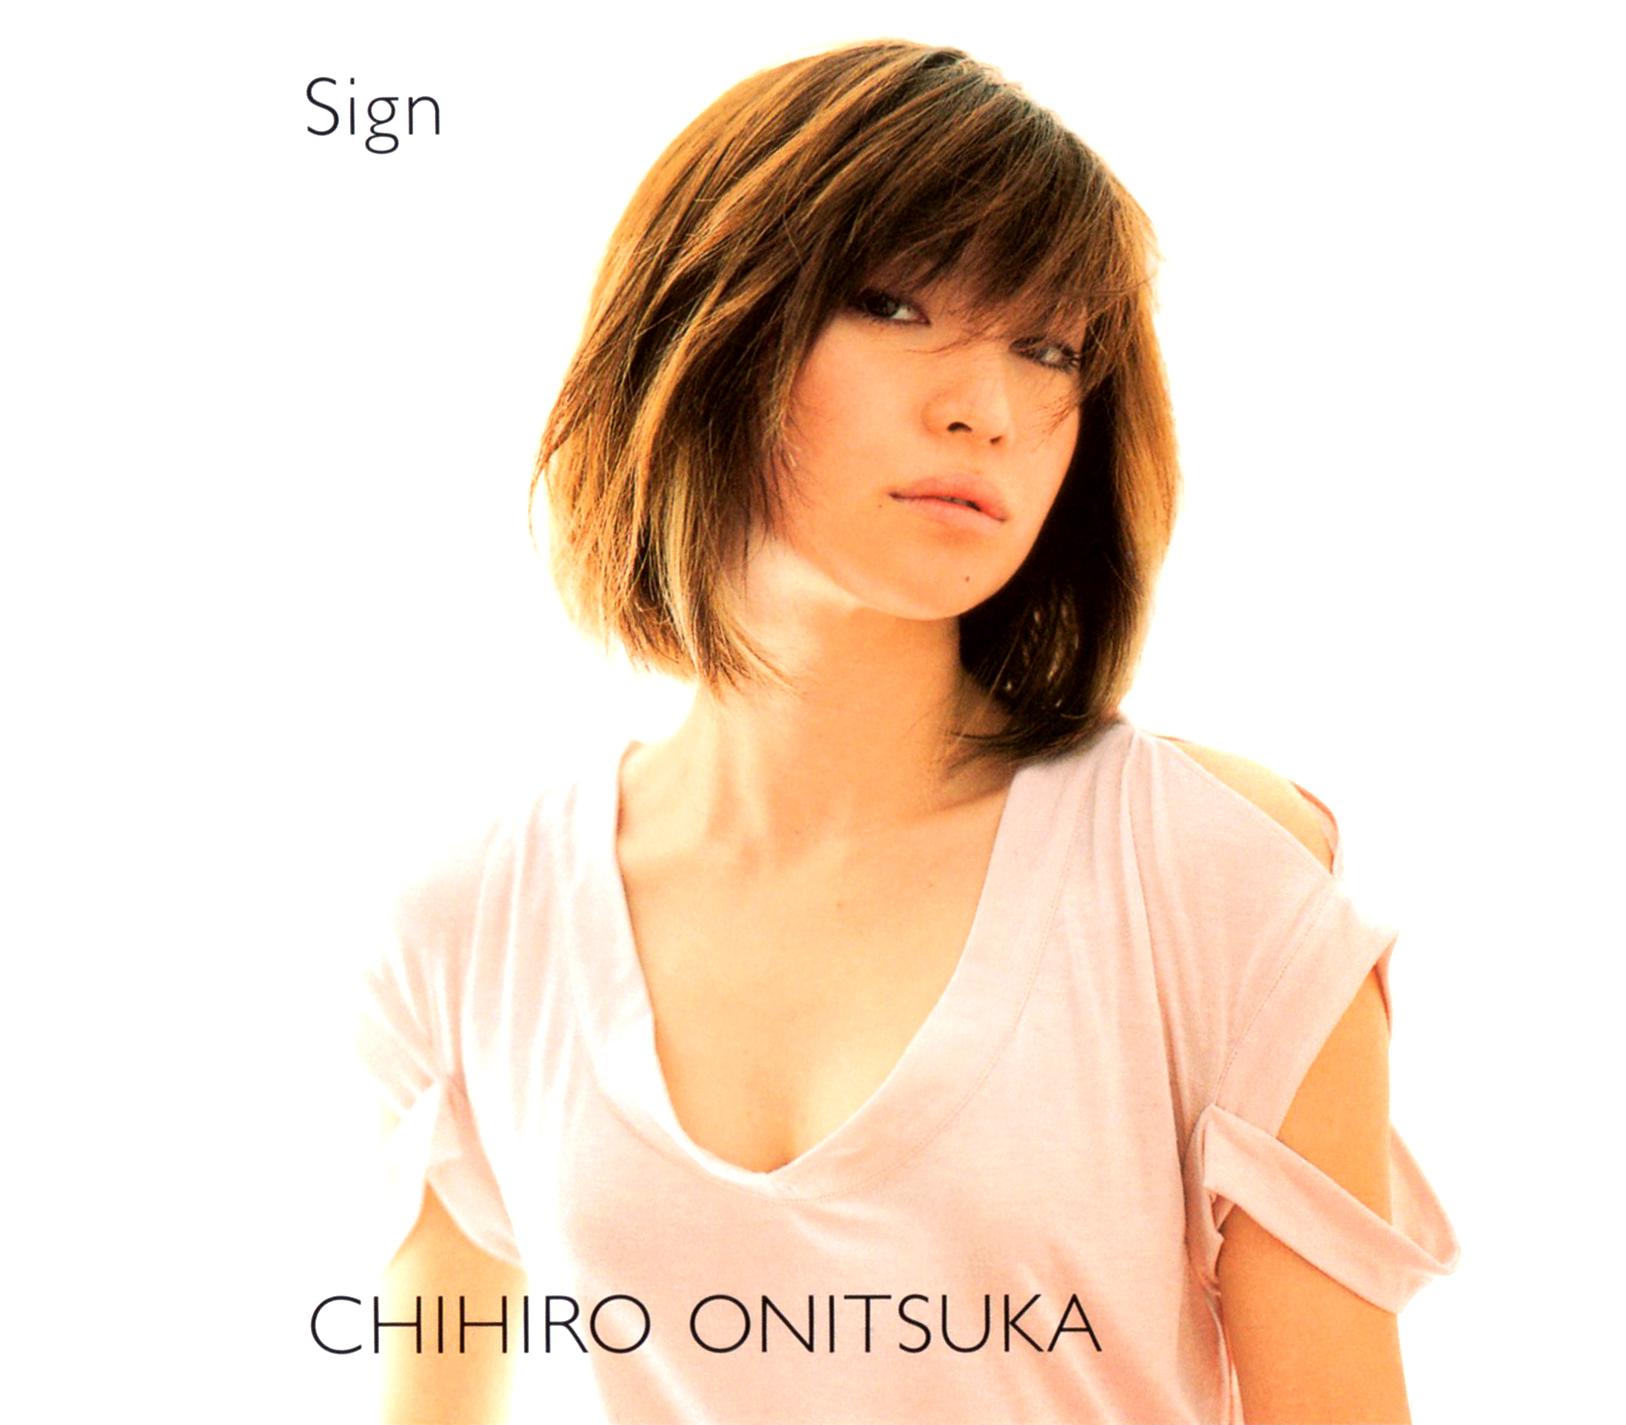 鬼束ちひろ (おにつかちひろ) 7thシングル『Sign (サイン)』(2003年5月21日発売) 高画質CDジャケット画像